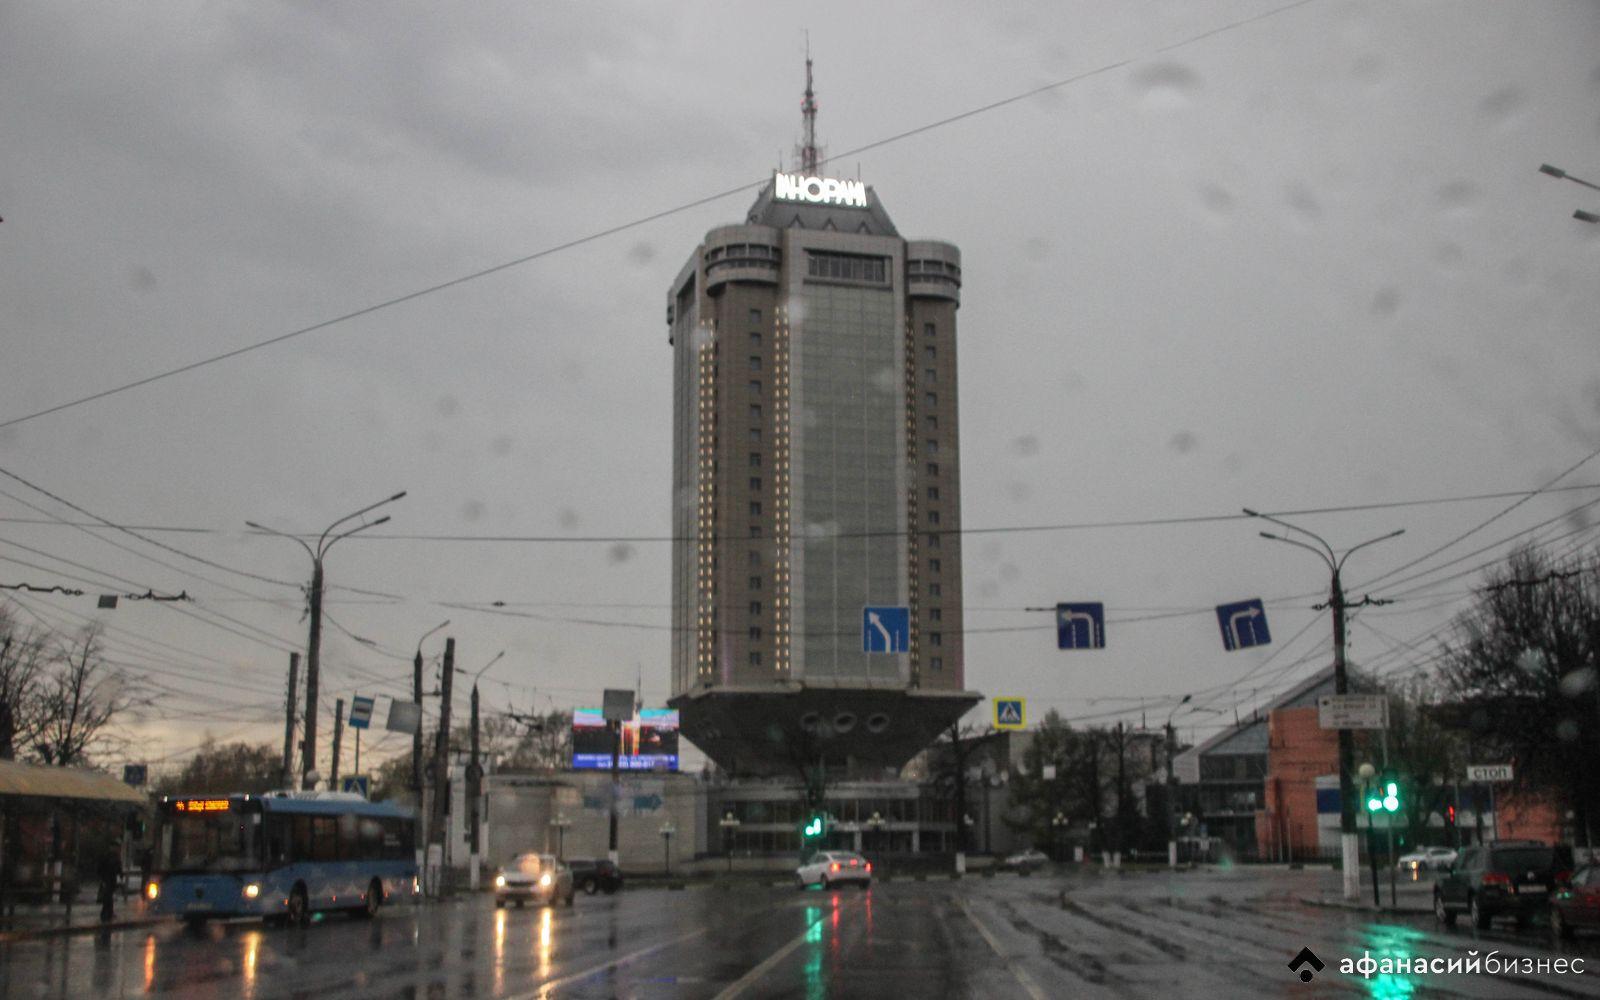 На Тверскую область идет сильный дождь с ветром